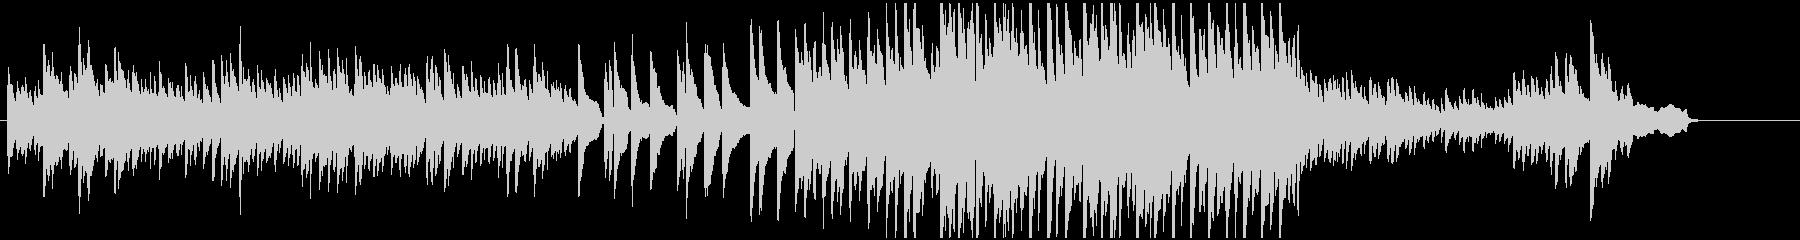 静かなピアノ曲の未再生の波形